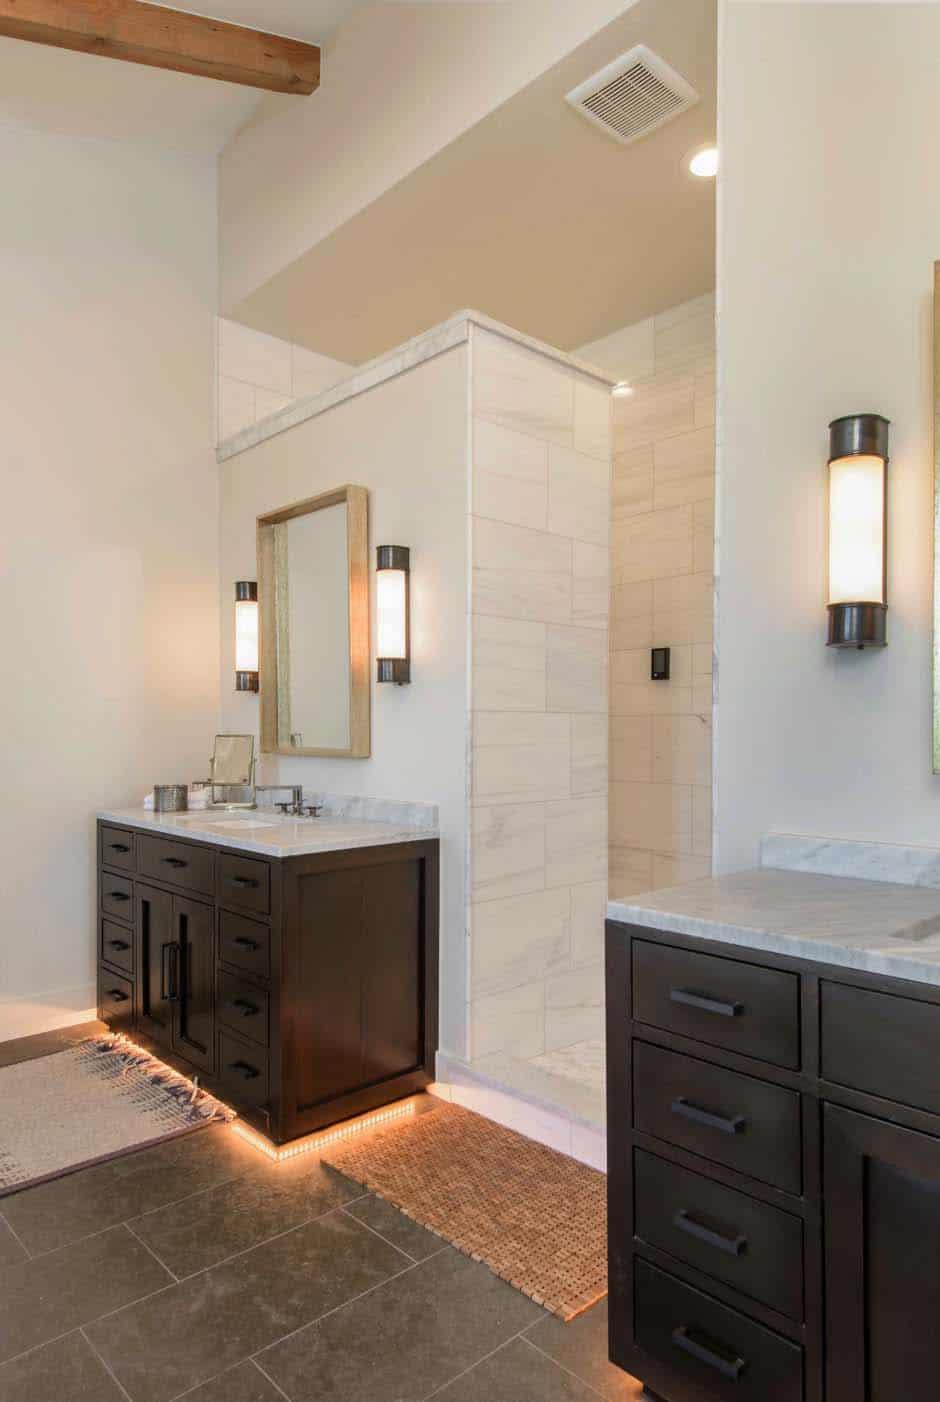 farmhouse-style-bathroom-vanity